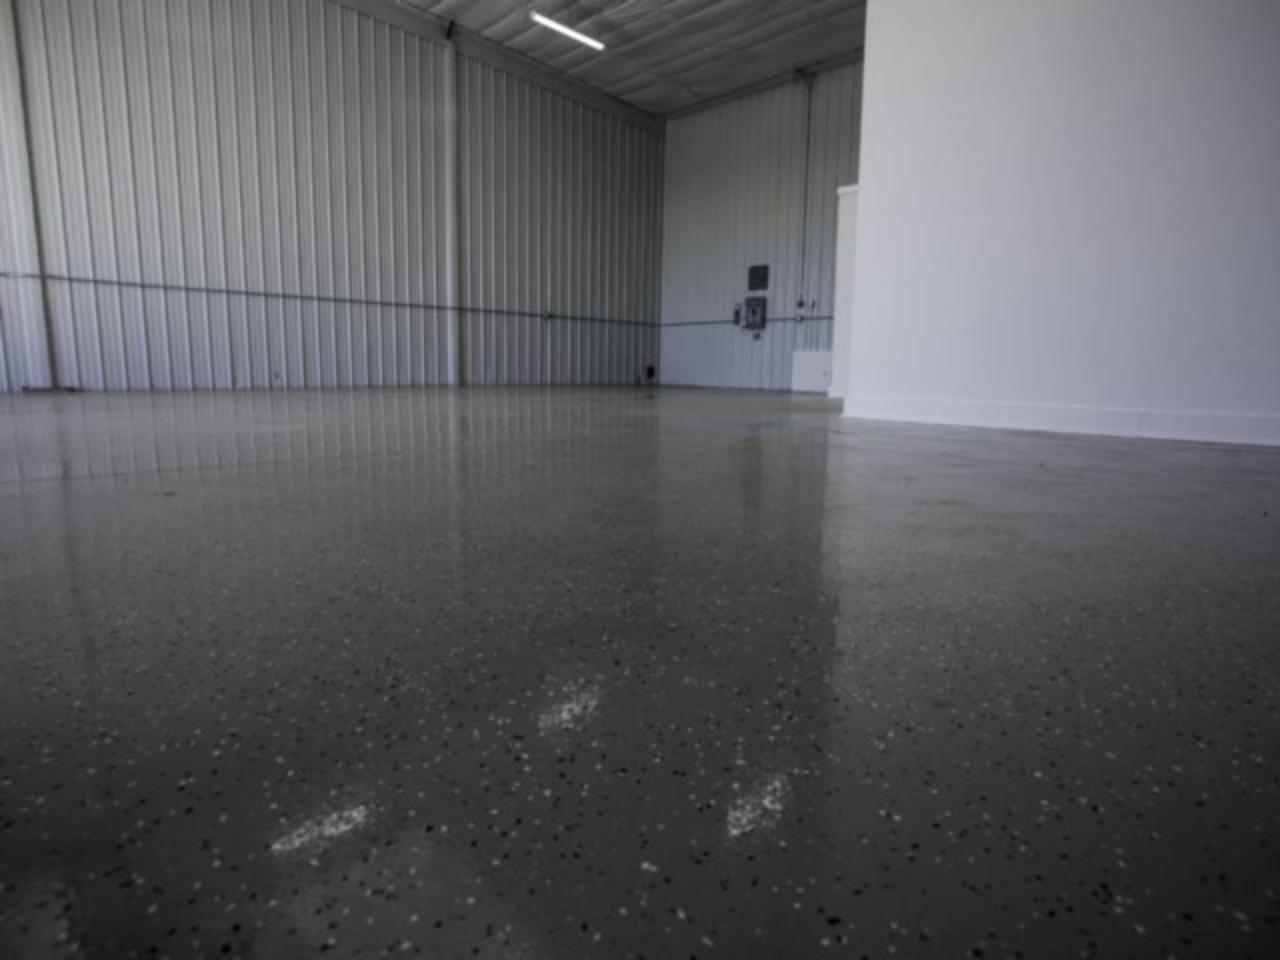 Zenith_Mead_Floor_1-1024x683-640x480_c-1-1280x960_c